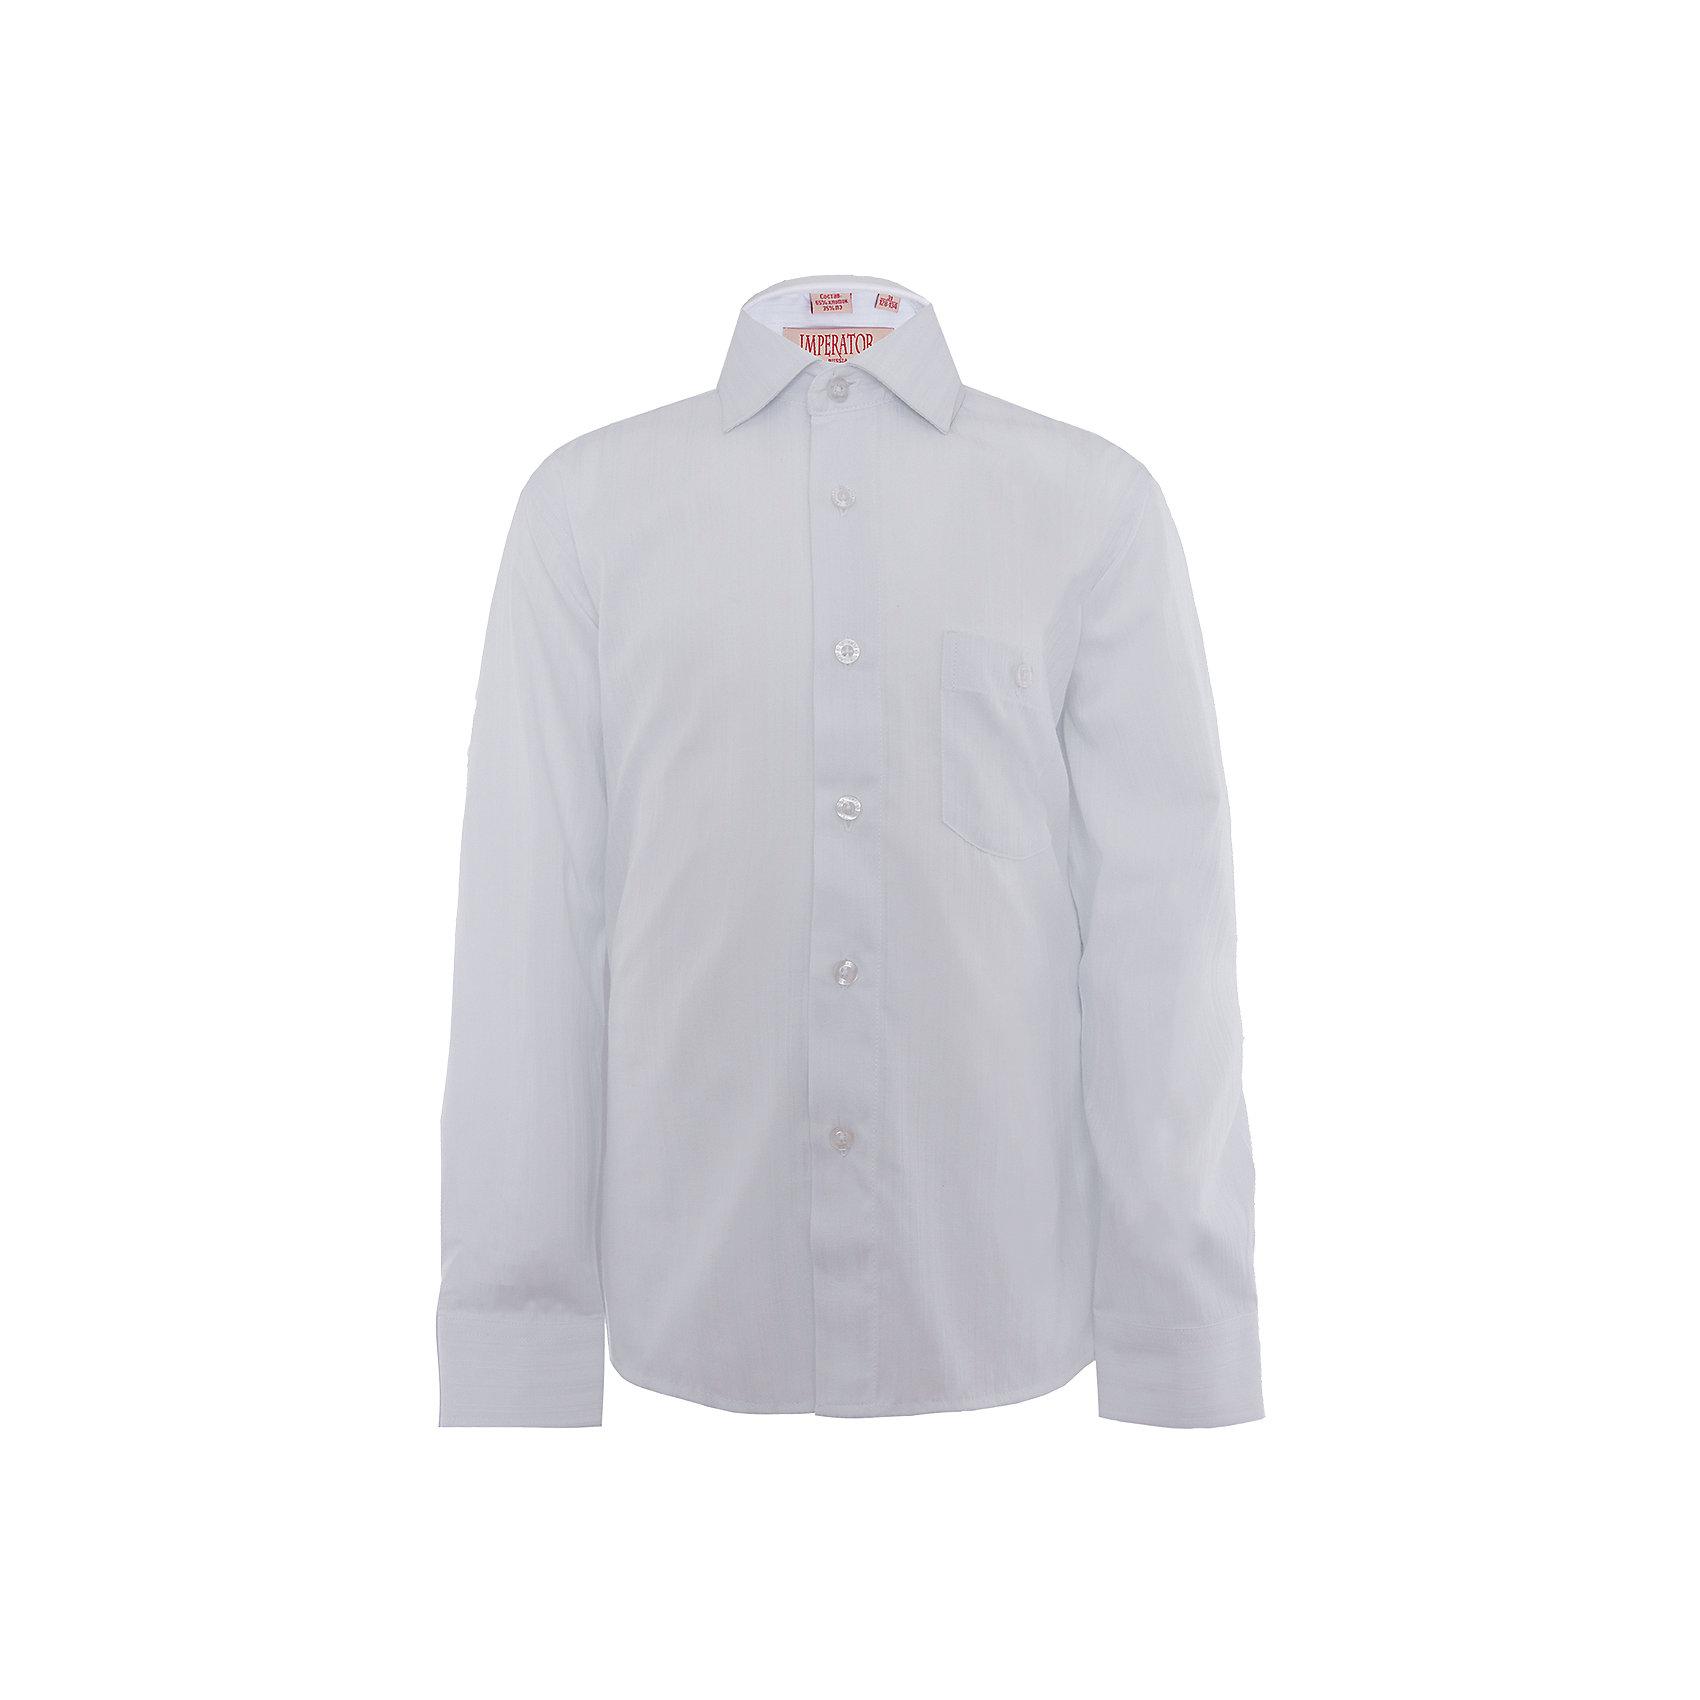 Рубашка для мальчика ImperatorКлассическая рубашка - неотьемлемая вещь в гардеробе. Модель на пуговицах, с отложным воротником. Свободный покрой не стеснит движений и позволит чувствовать себя комфортно каждый день.  Состав 65 % хл. 35% П/Э<br><br>Ширина мм: 174<br>Глубина мм: 10<br>Высота мм: 169<br>Вес г: 157<br>Цвет: белый<br>Возраст от месяцев: 84<br>Возраст до месяцев: 96<br>Пол: Мужской<br>Возраст: Детский<br>Размер: 122/128,164/170,158/164,152/158,146/152,140/146,134/140,128/134<br>SKU: 4749403